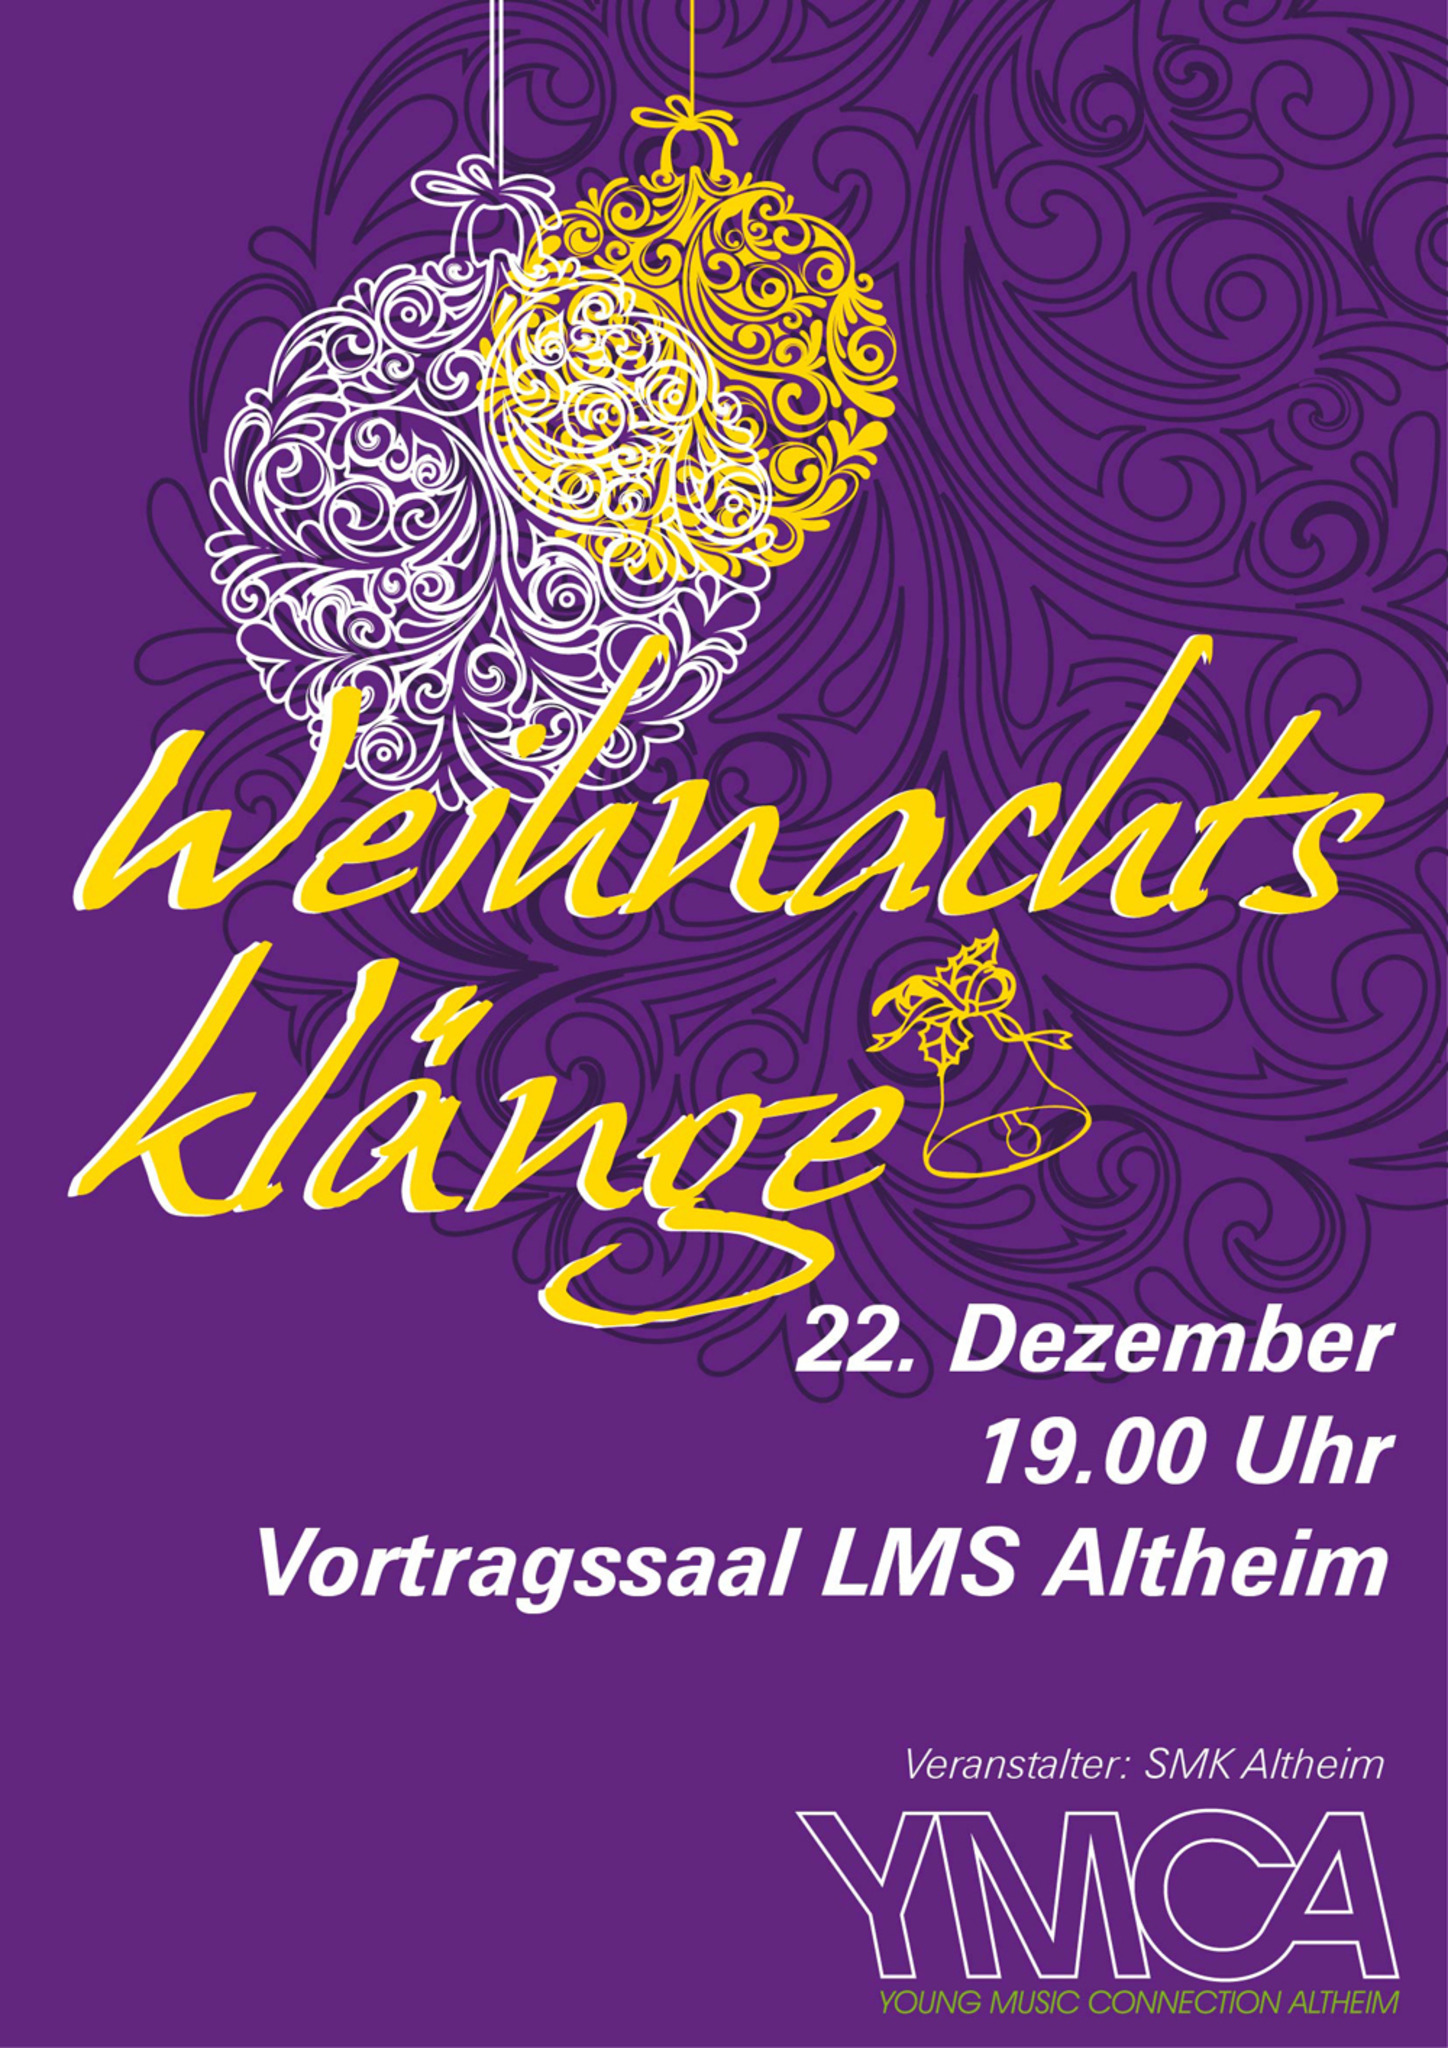 Weihnachtsklänge - Braunau